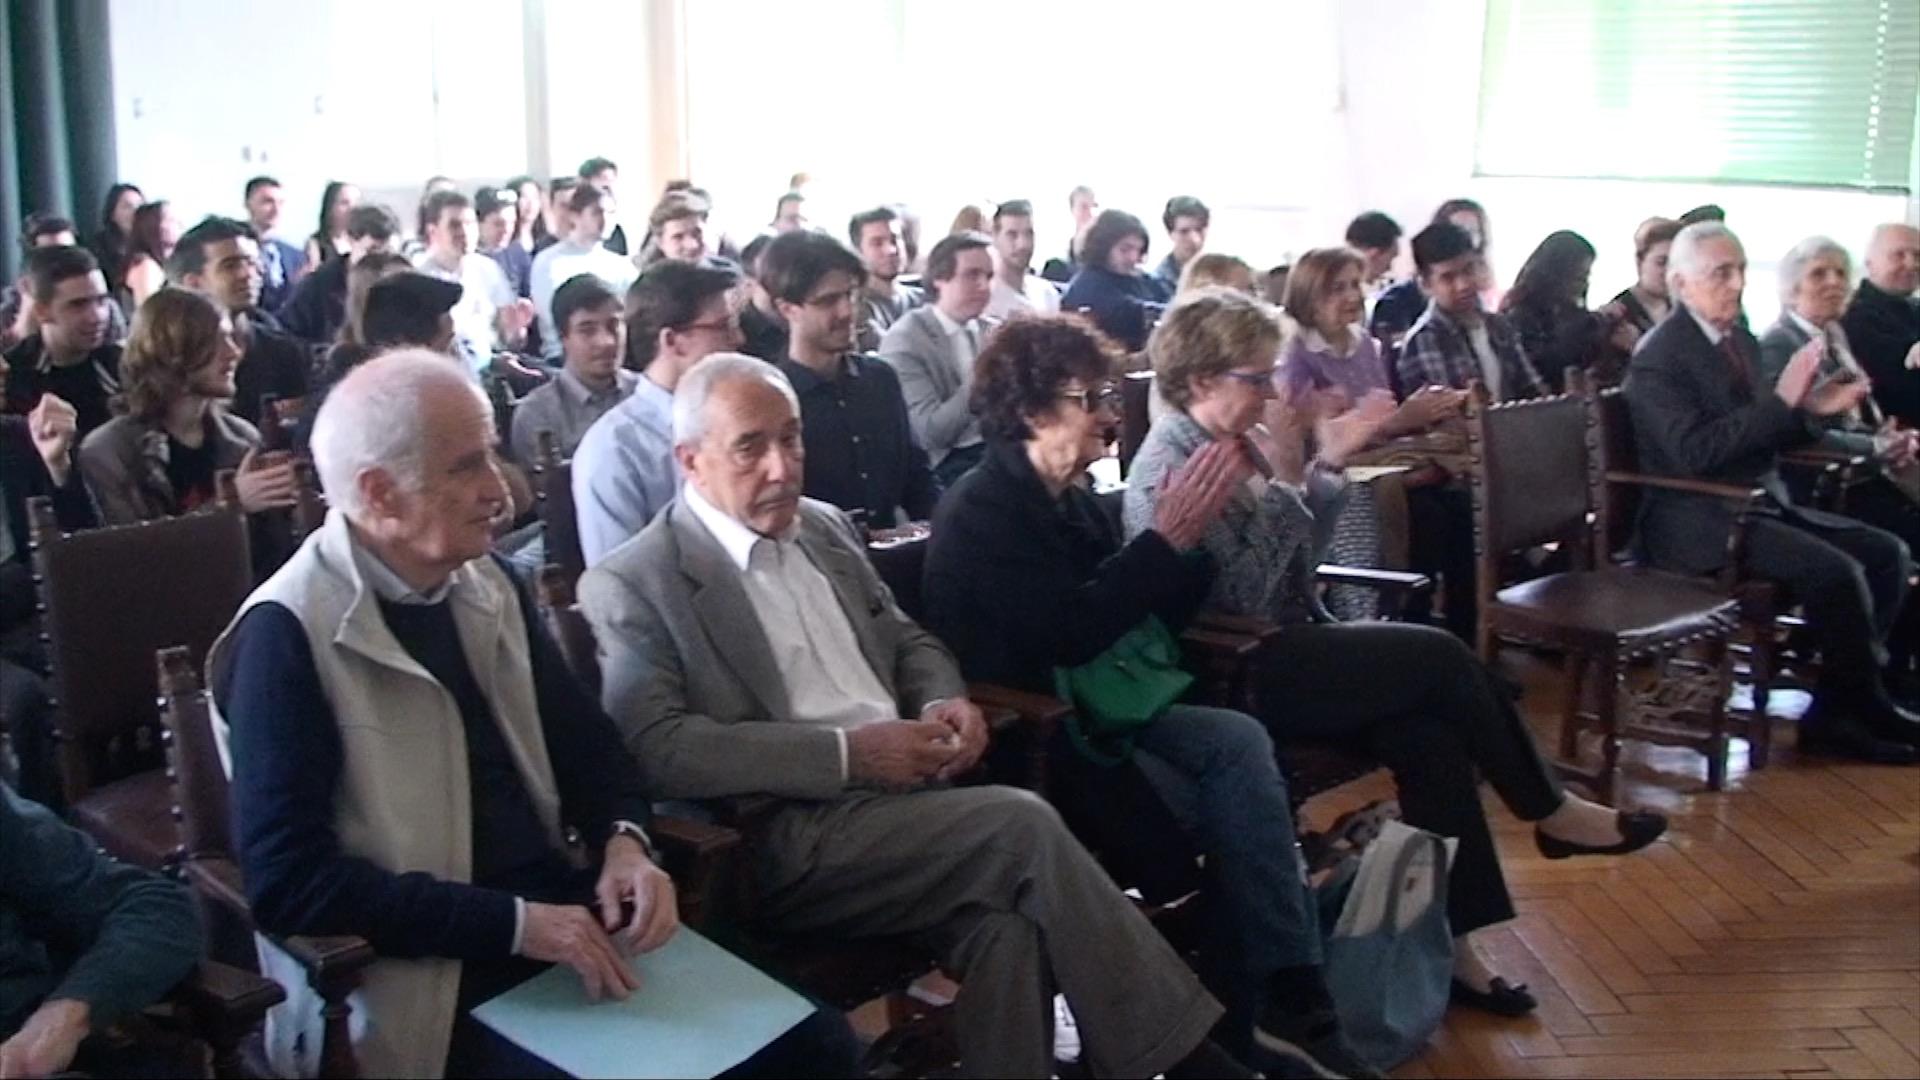 Un'altra veduta dei partecipanti alla premiazione